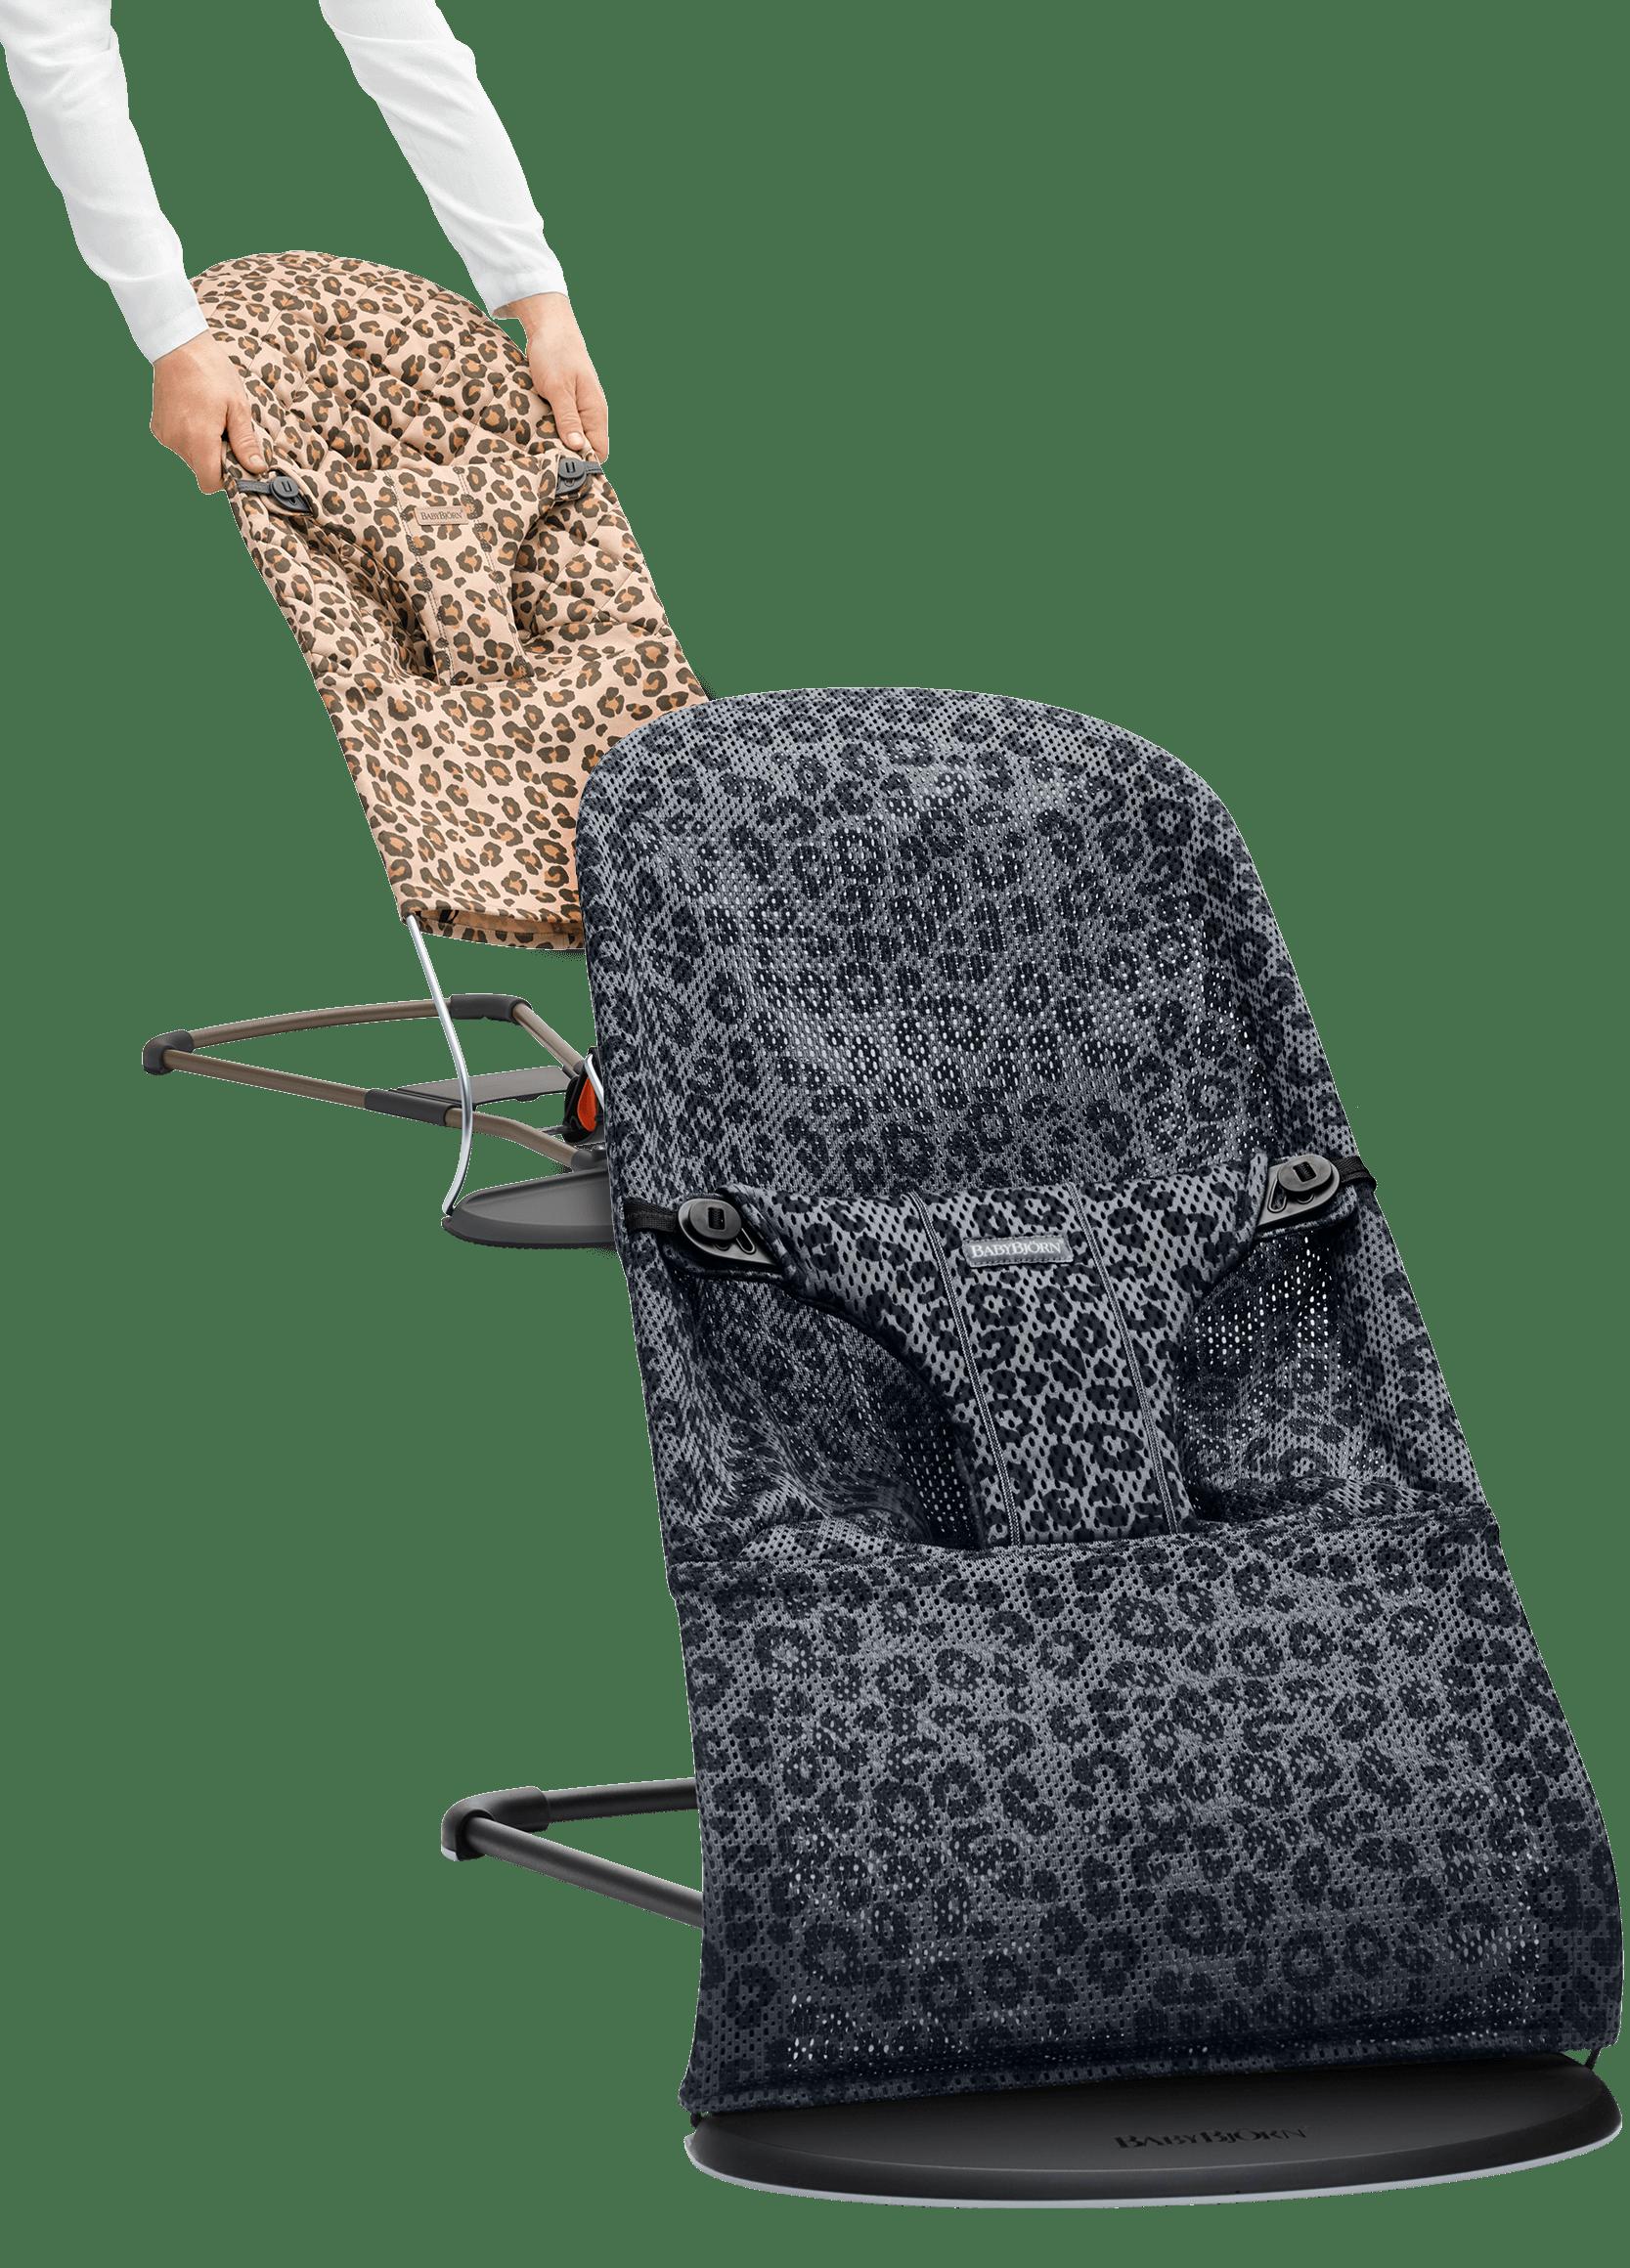 BABYBJÖRN Babywippe mit zusätzlichem Stoffsitz - Leopard Bundle, Netzstoff/Baumwolle